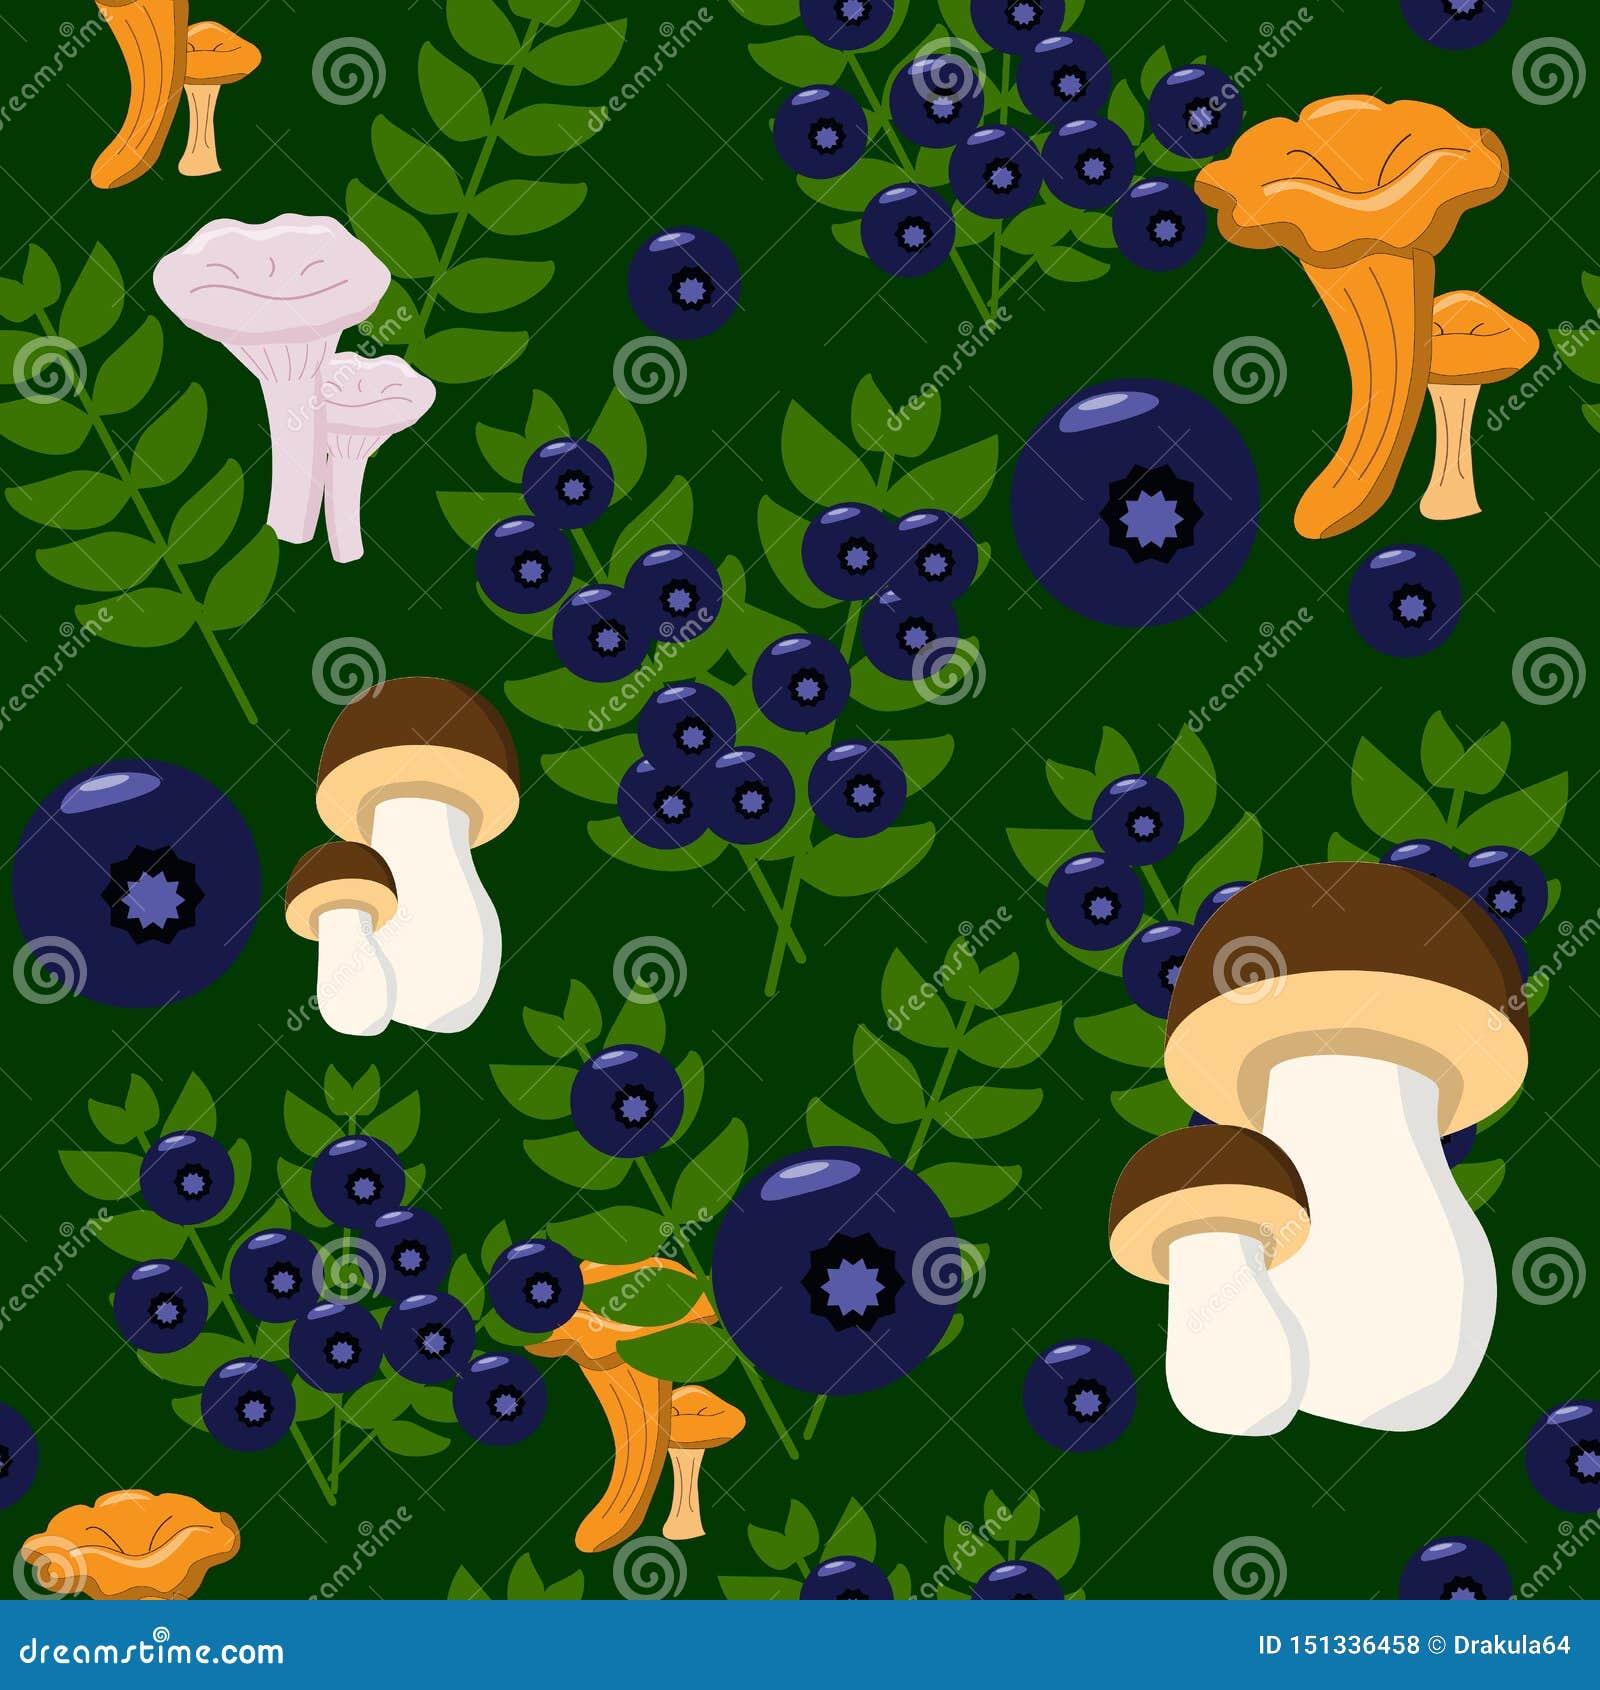 Vari funghi e mirtilli nel modello senza fine della foresta